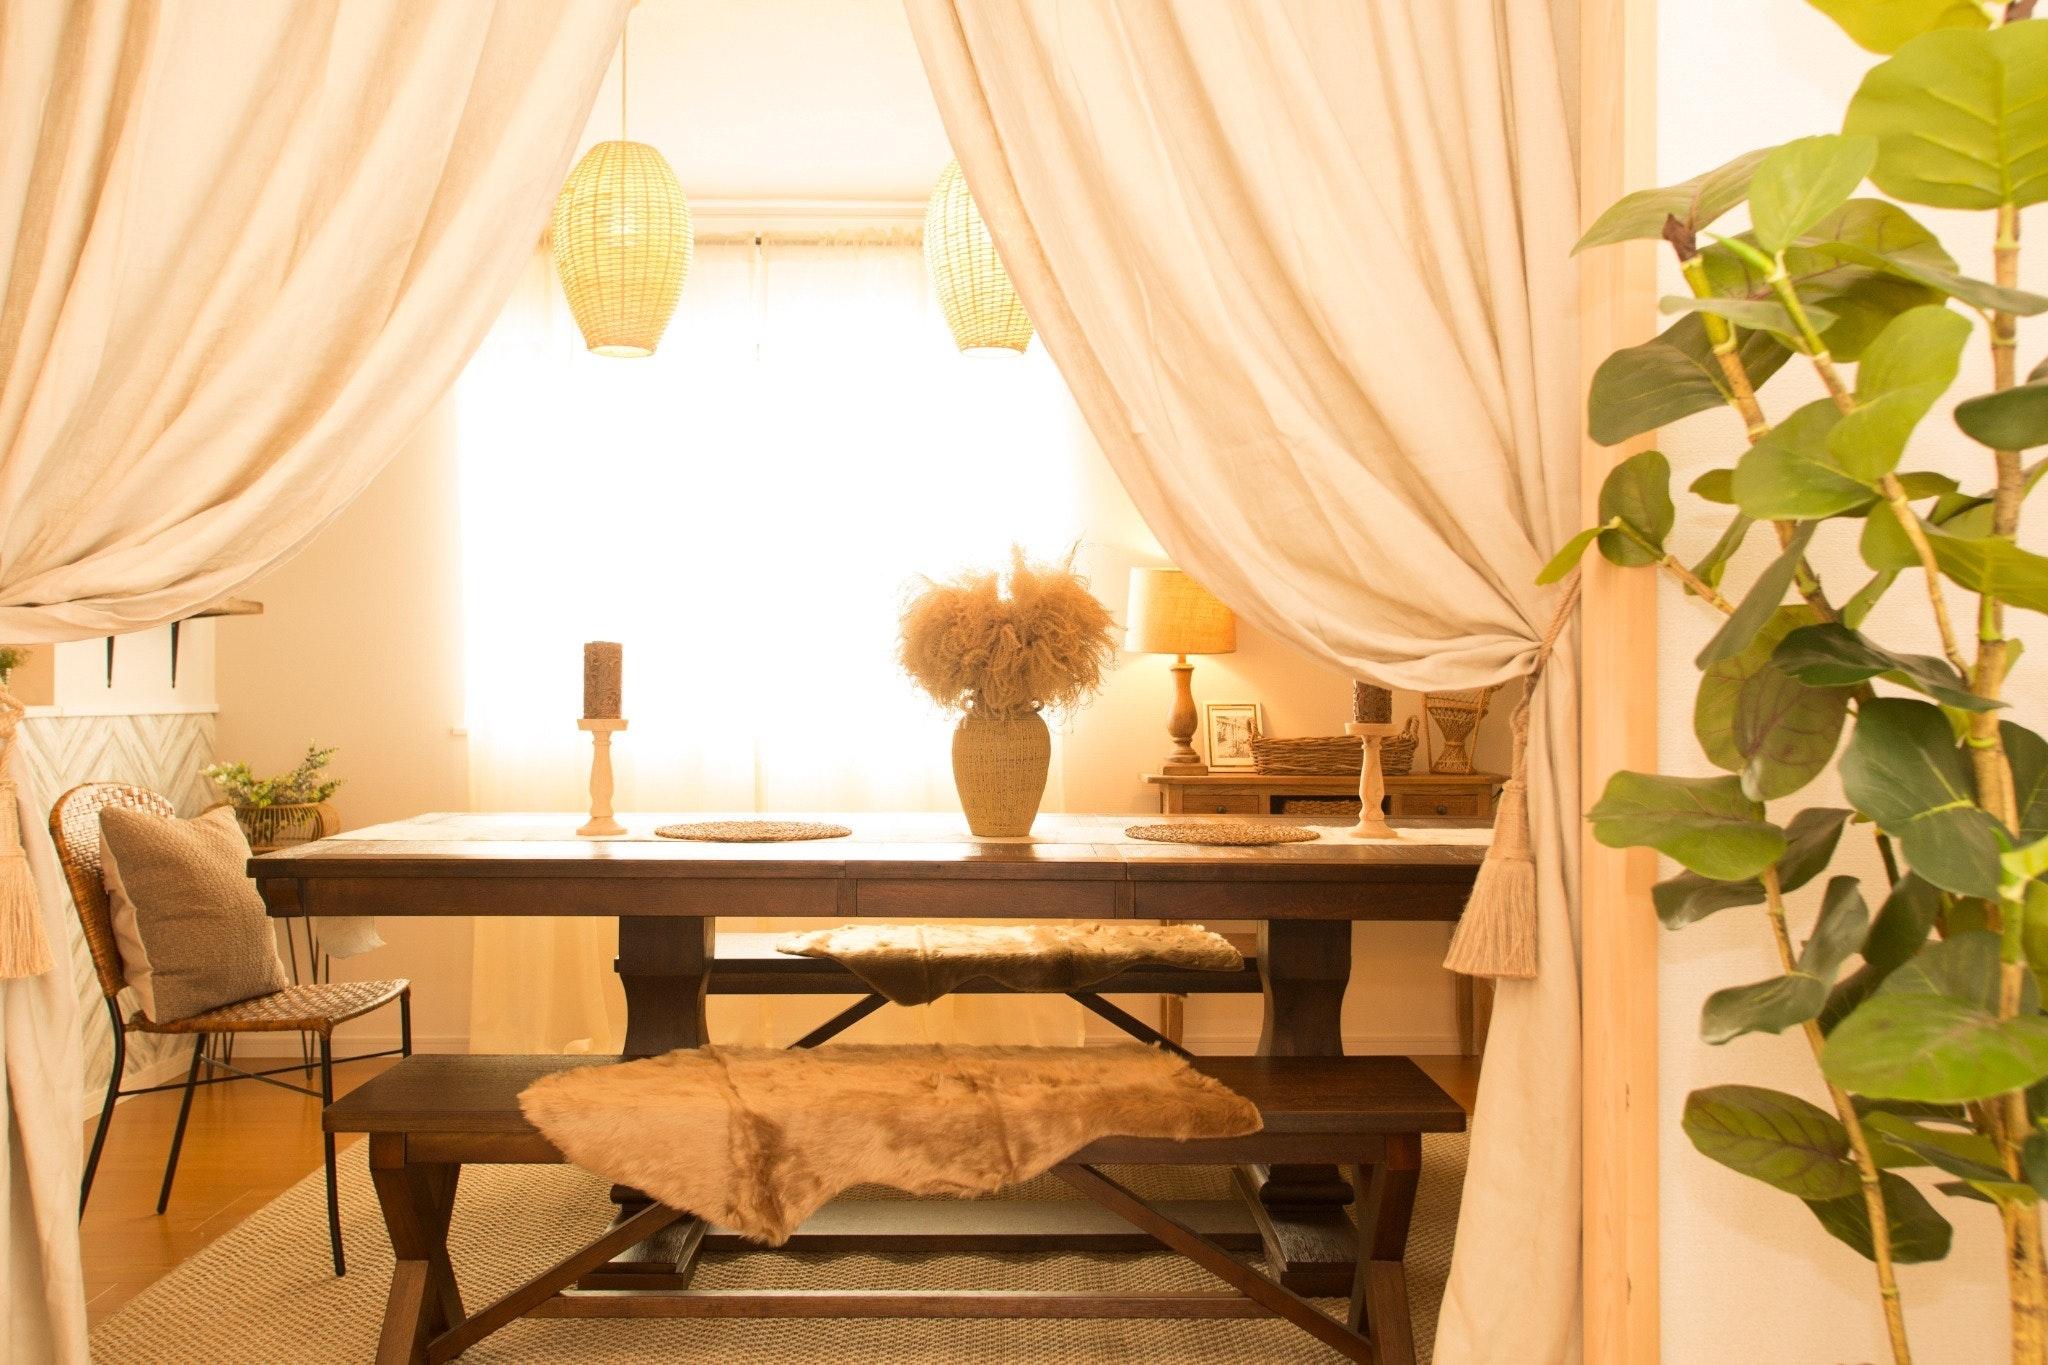 ライカムまで10分!!大人女子にオススメ★フォトジェニックなアンティーク家具に囲まれて最高の夜を。